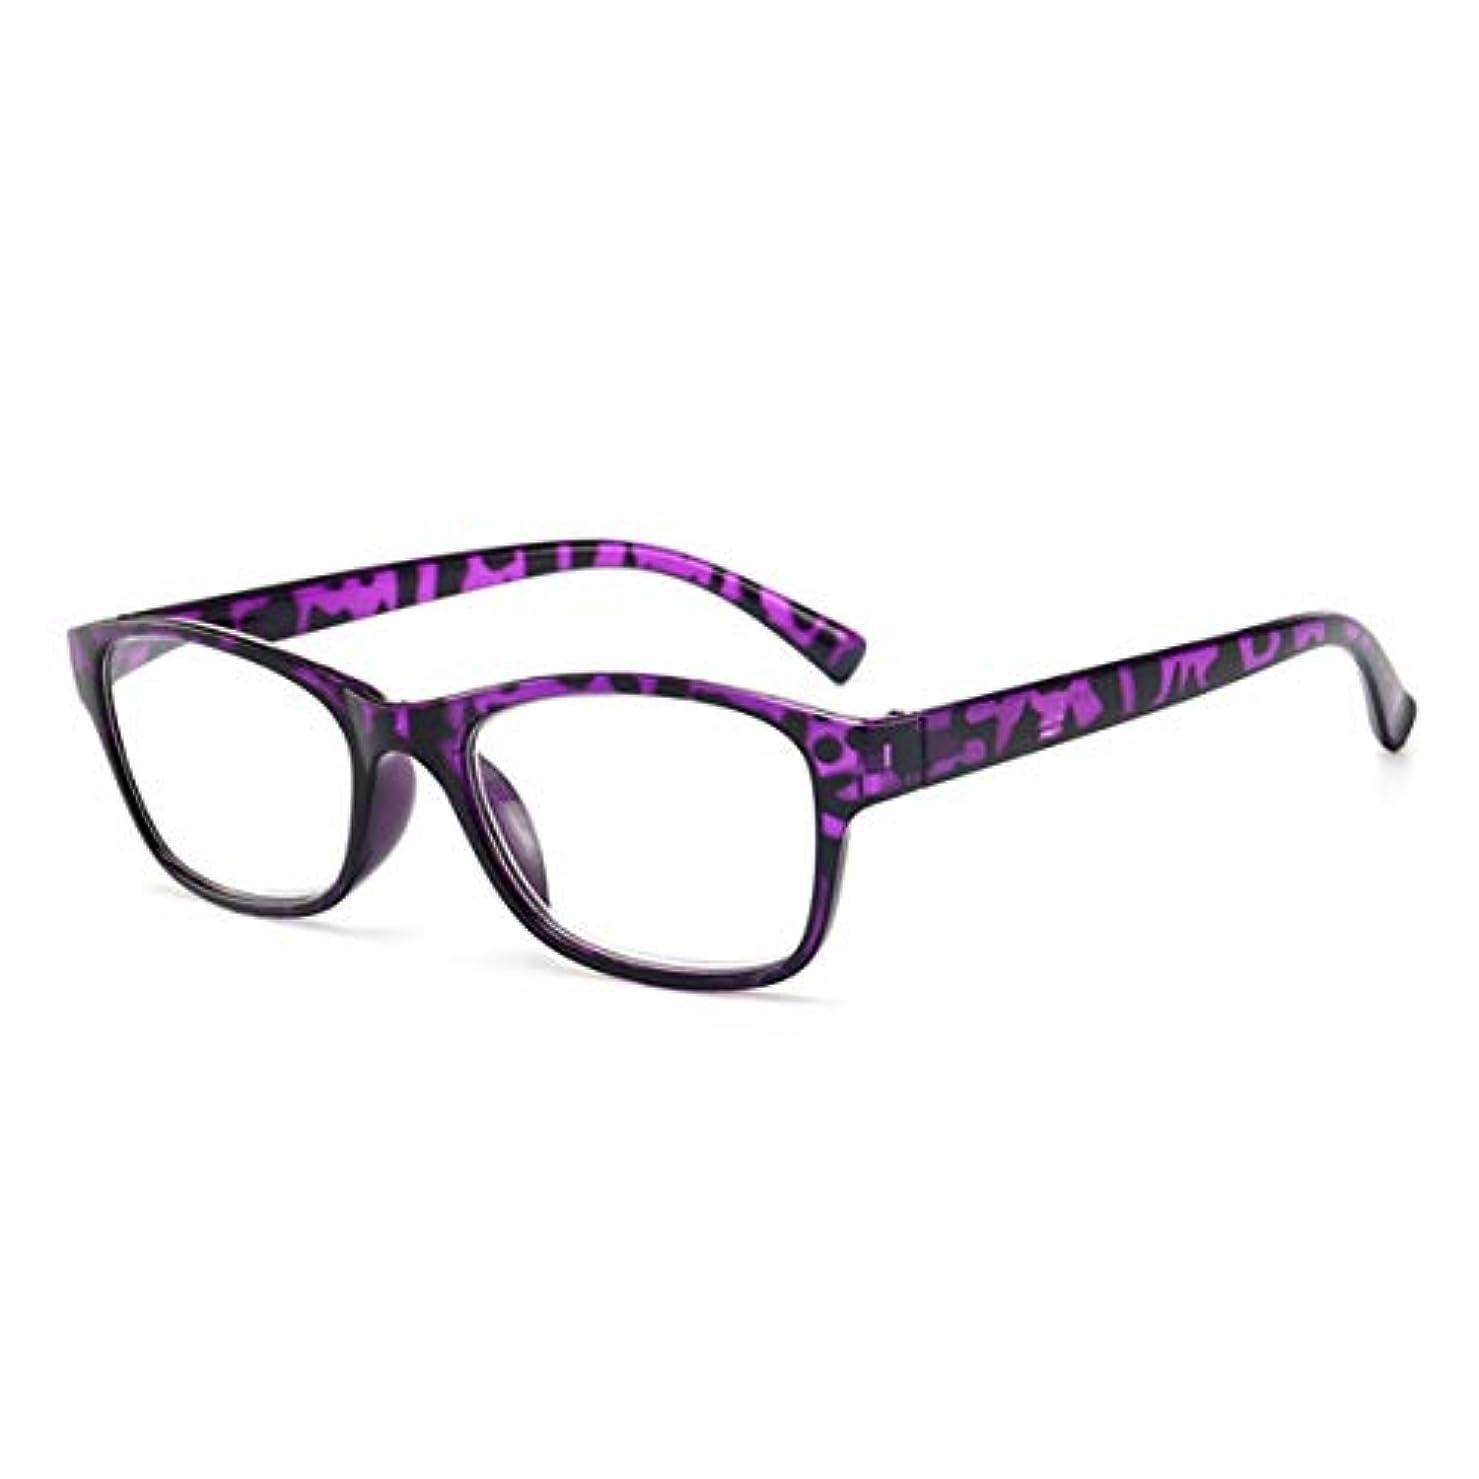 あいまいさご予約拮抗するIntercorey T18162老眼鏡視度+1.0から+4.0女性男性フルフレームラウンドレンズ老眼メガネ超軽量抗疲労